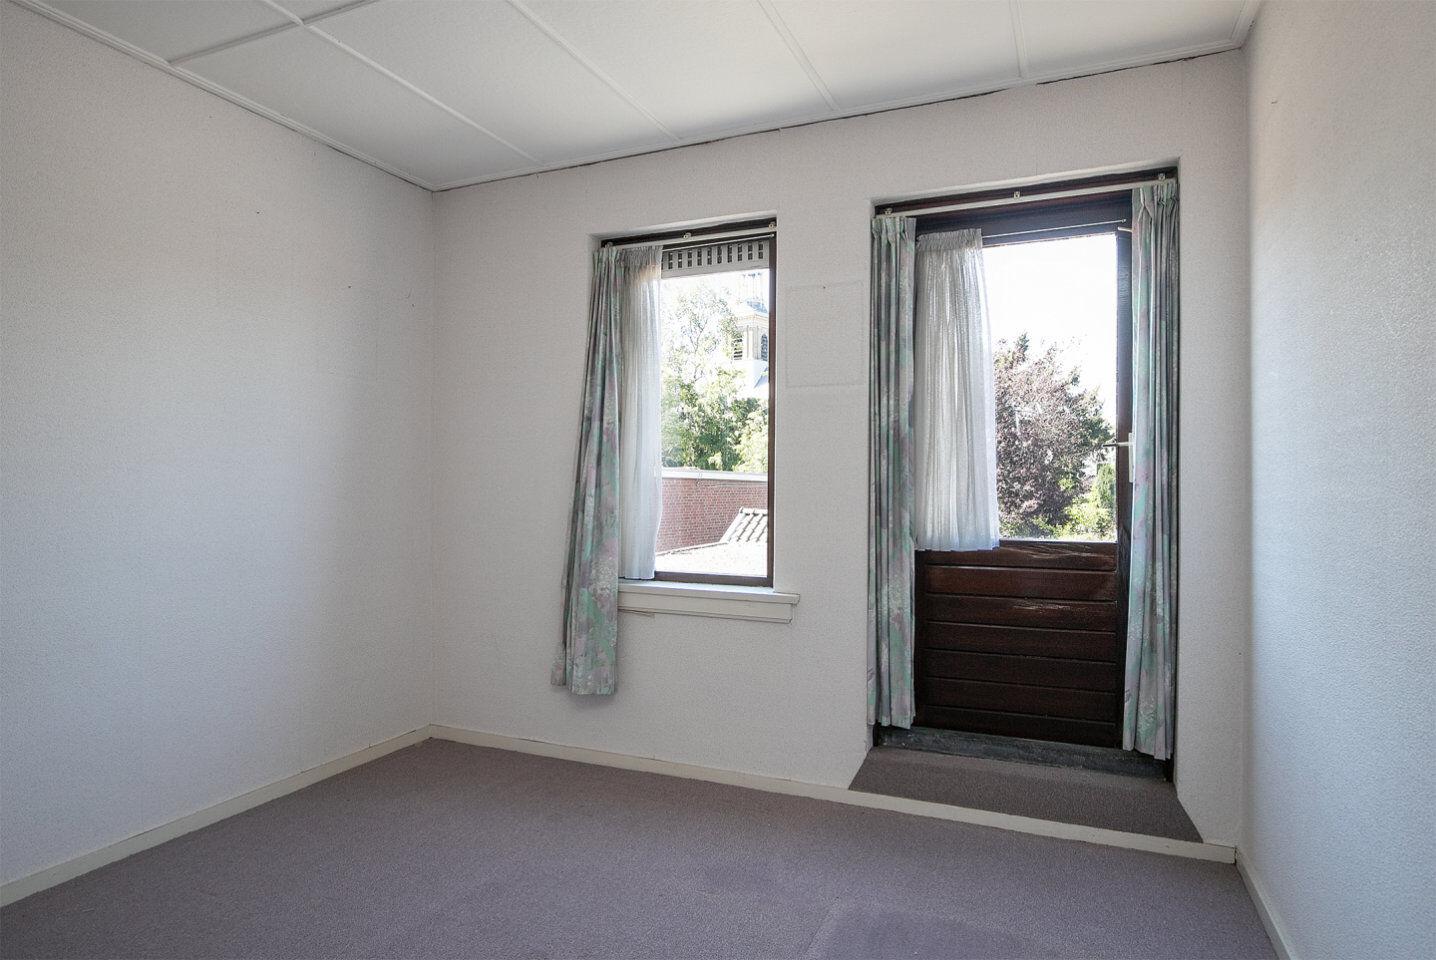 27203-de_ram_van_hagedoornstraat_13-steenbergen-768889437